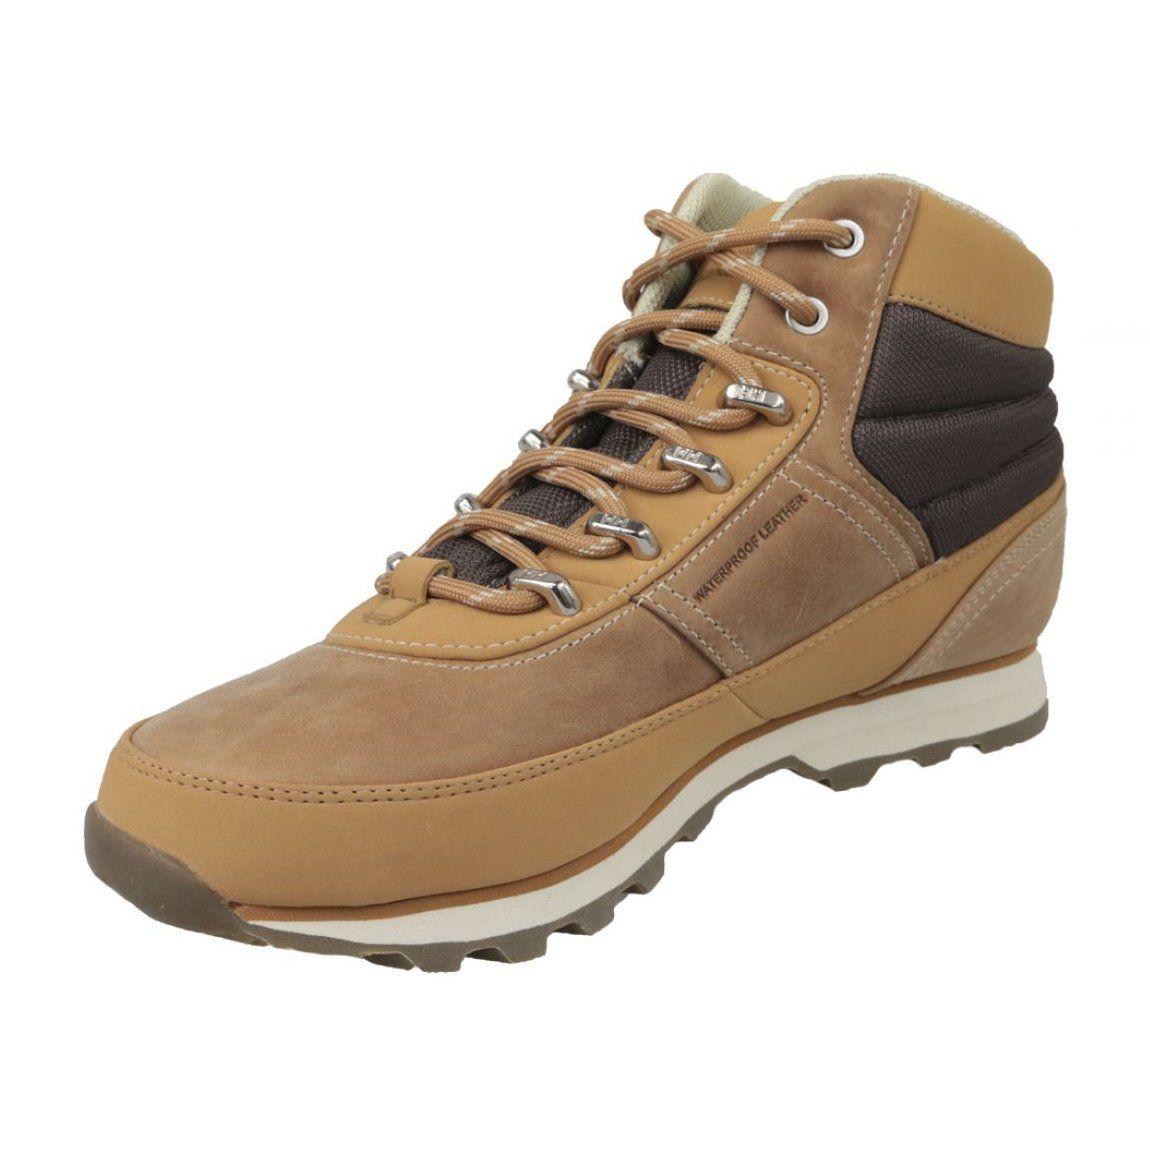 Buty Helly Hansen Woodlands W 10807 726 Brazowe Nubuck Leather Women Shoes Helly Hansen